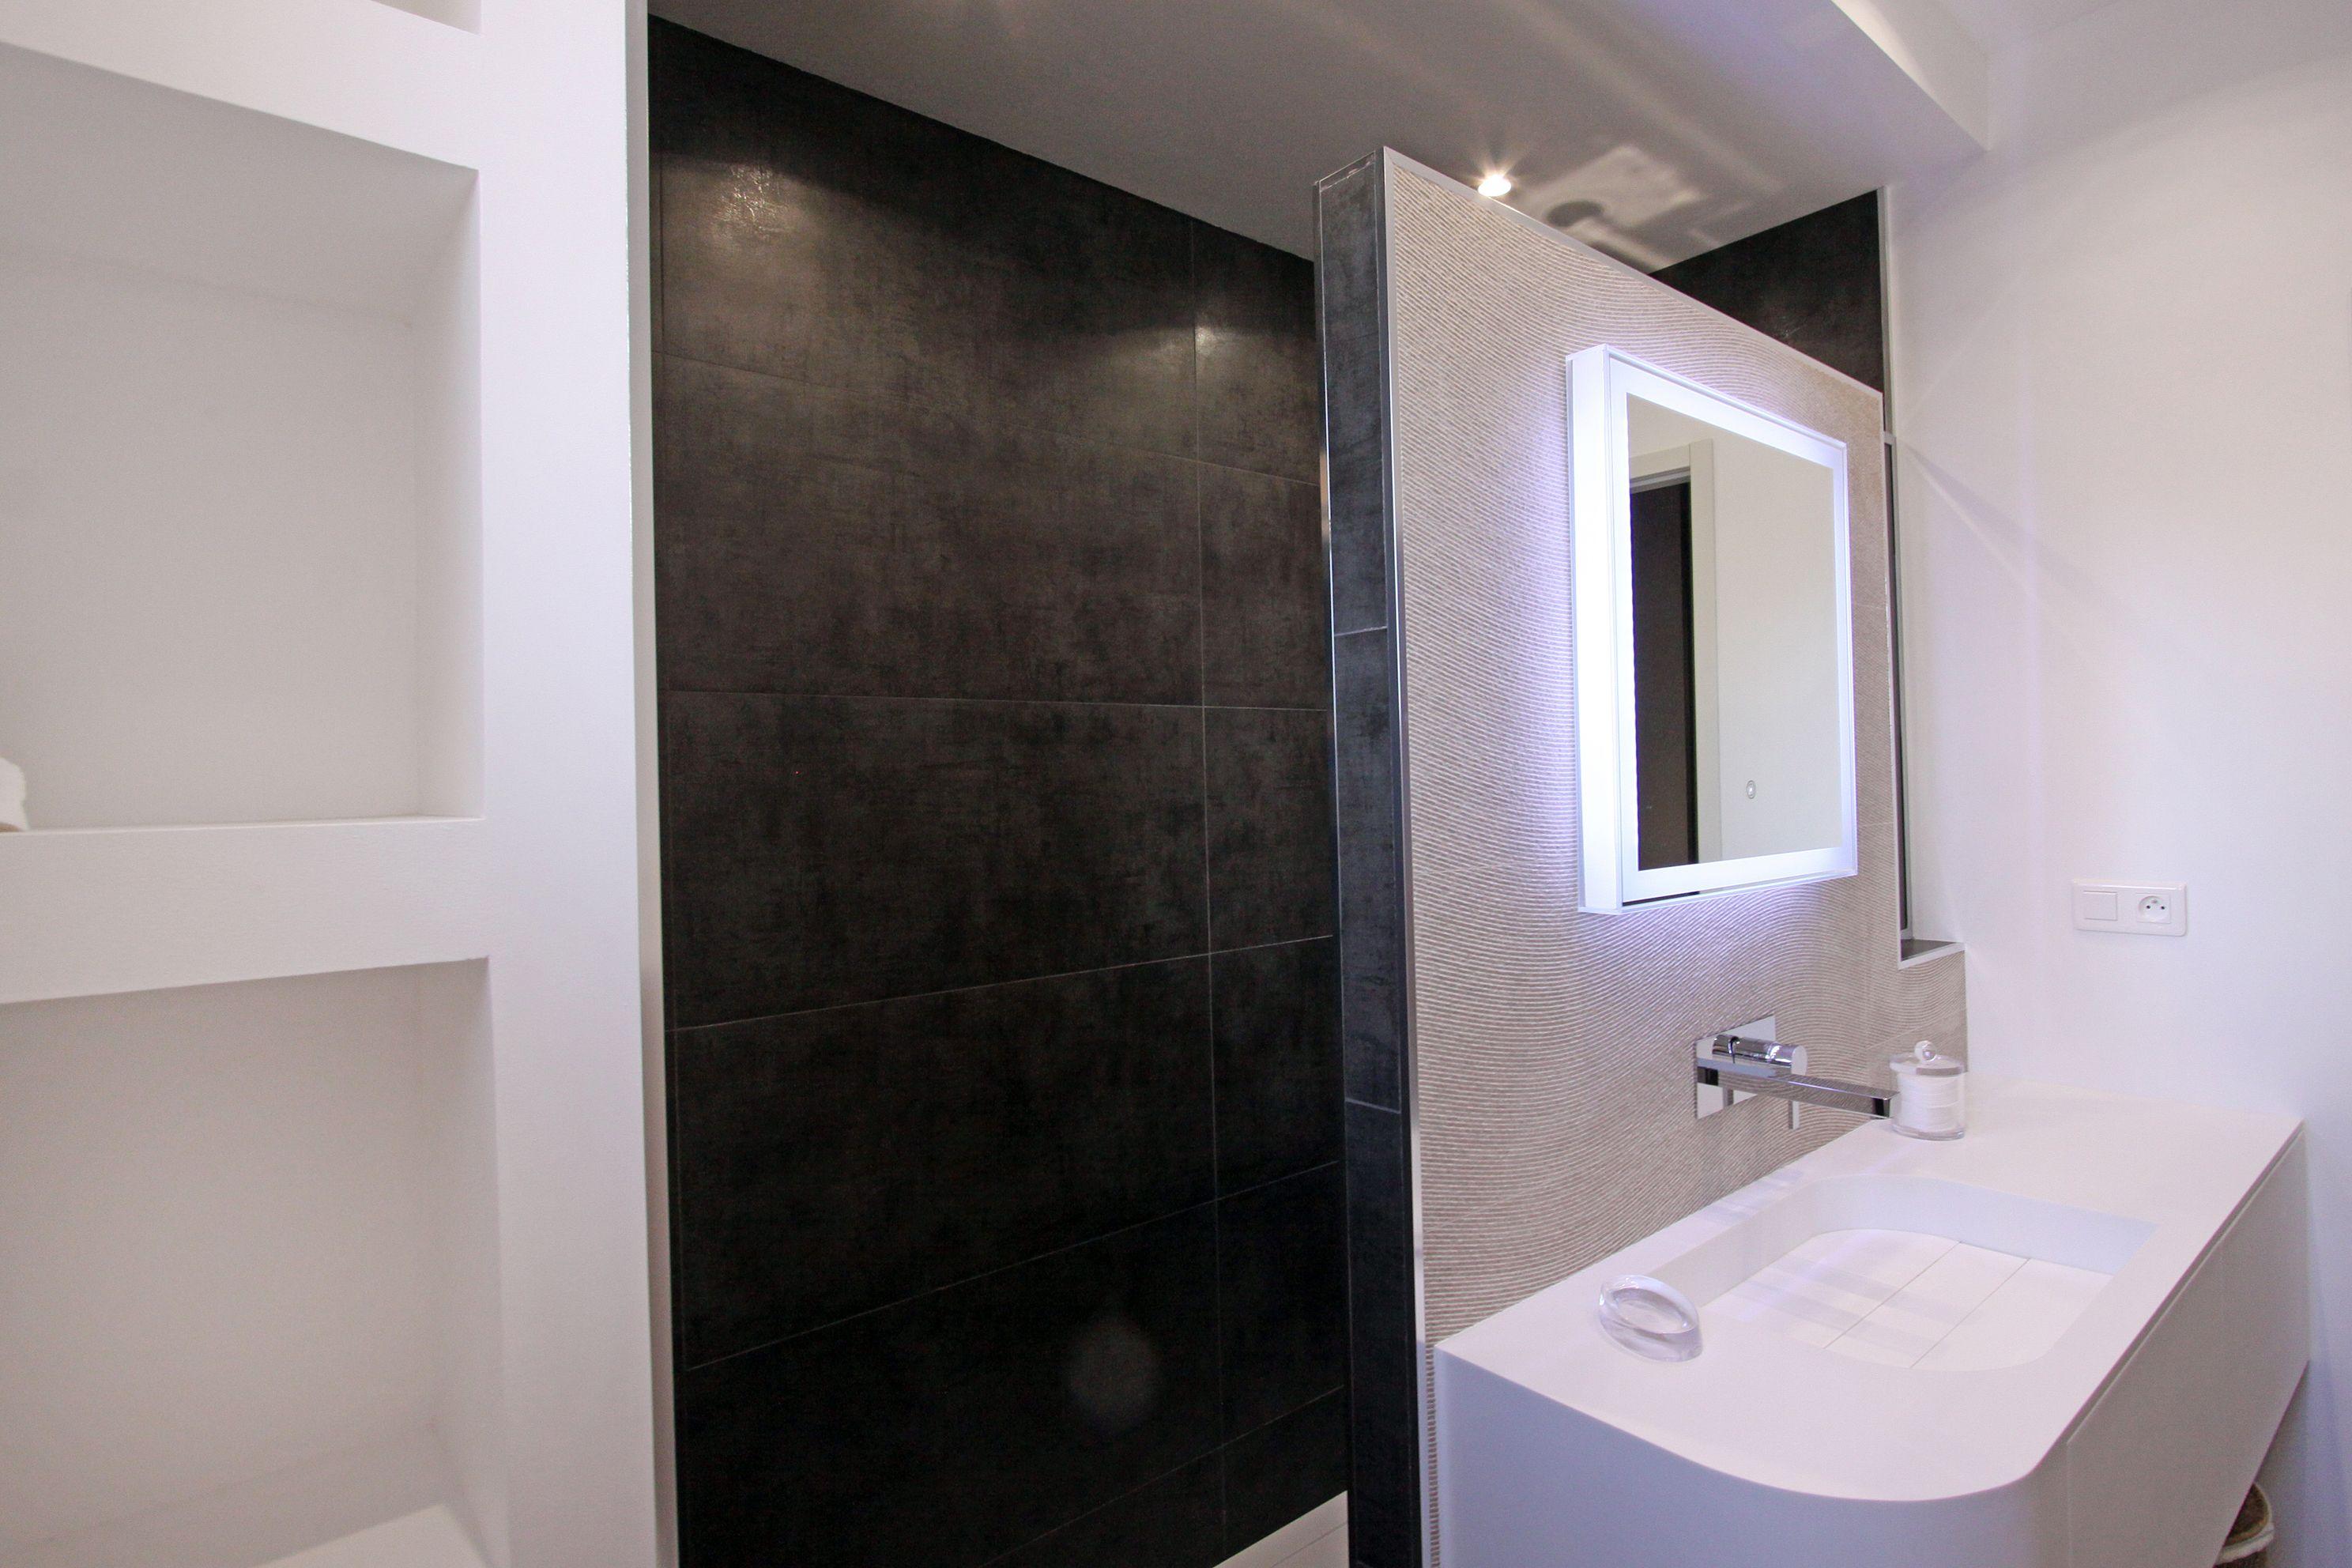 carrelage porcelanosa meuble vasque krion meuble sur mesure miroir r tro clair niche. Black Bedroom Furniture Sets. Home Design Ideas